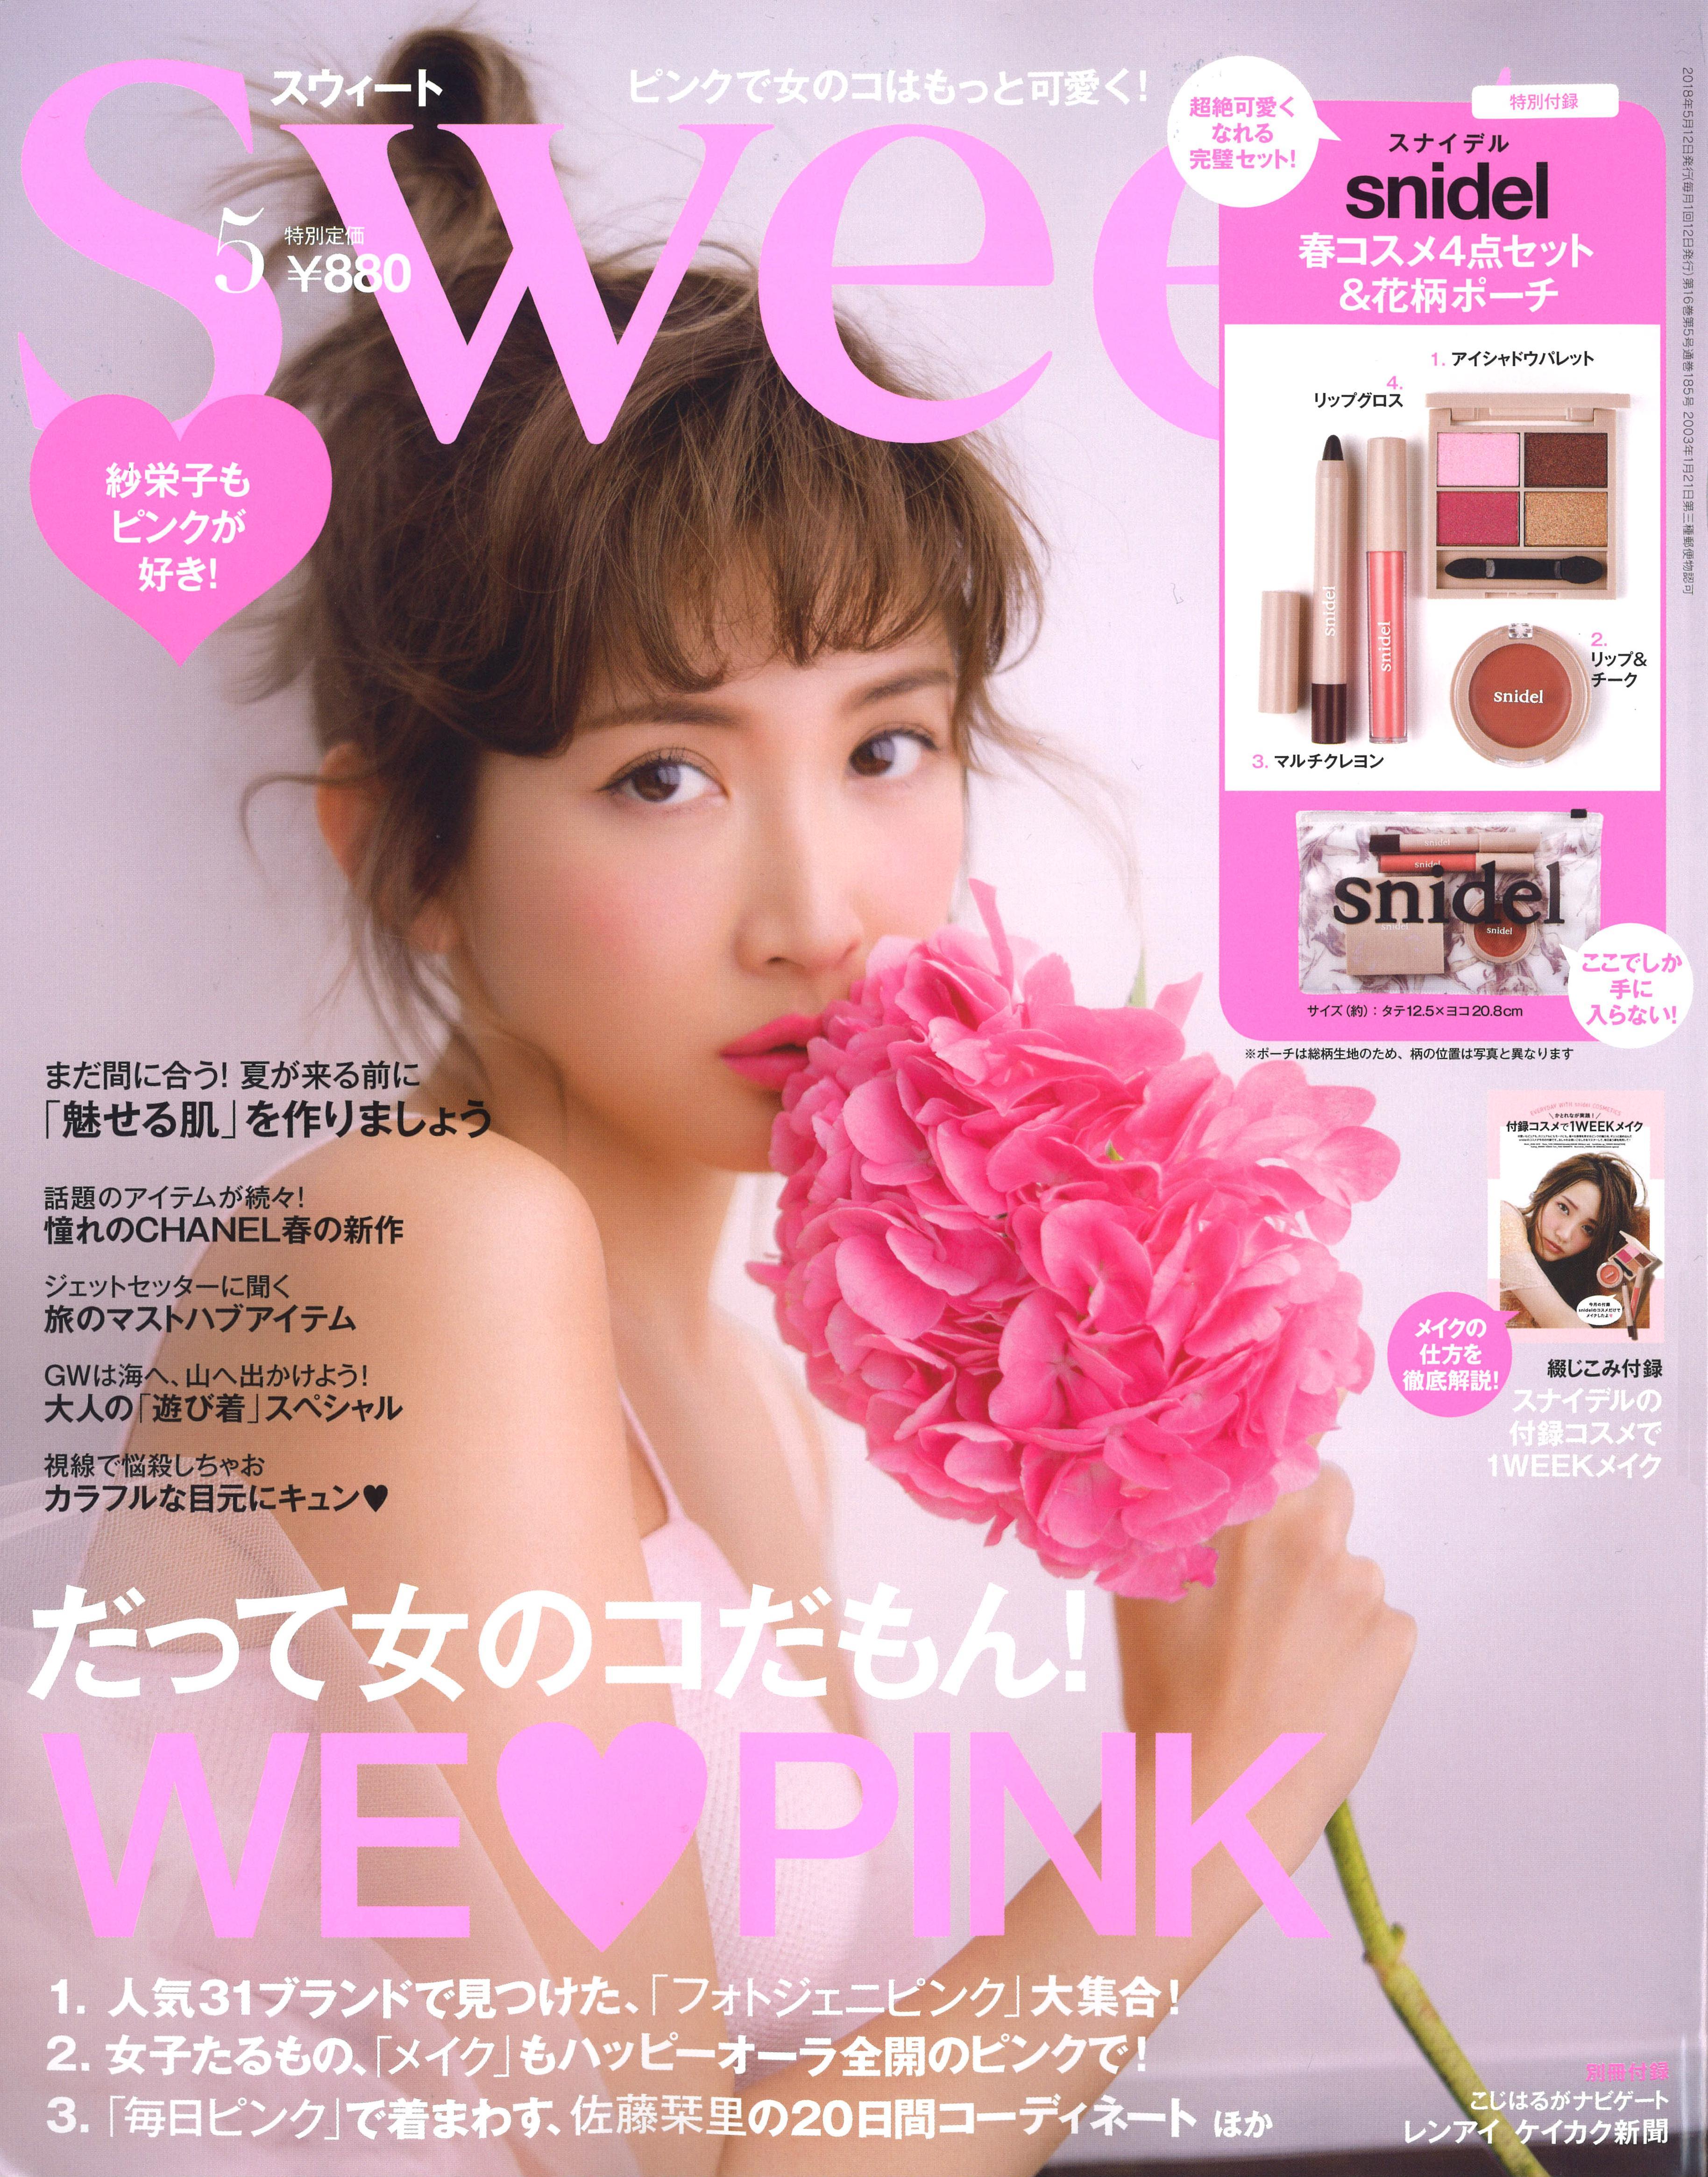 [掲載情報]sweet 5月号